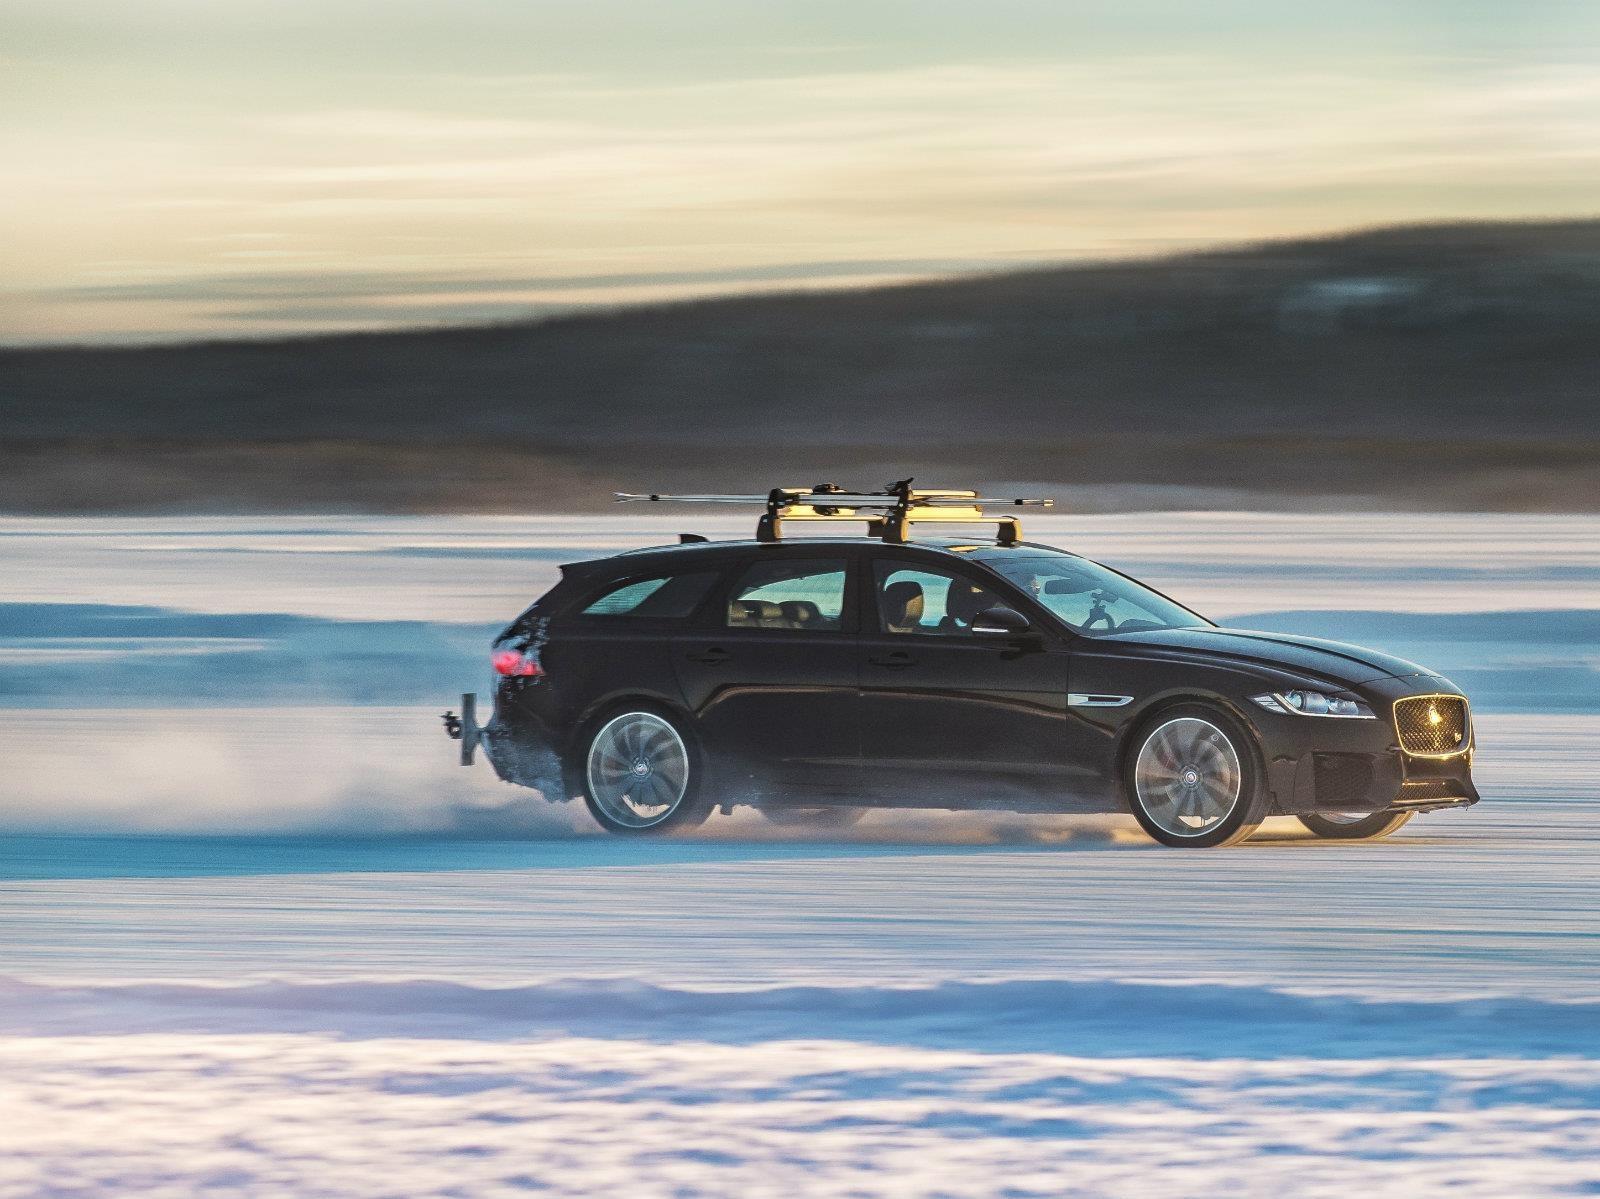 Jaguar XF hace récord de velocidad remolcando a un esquiador